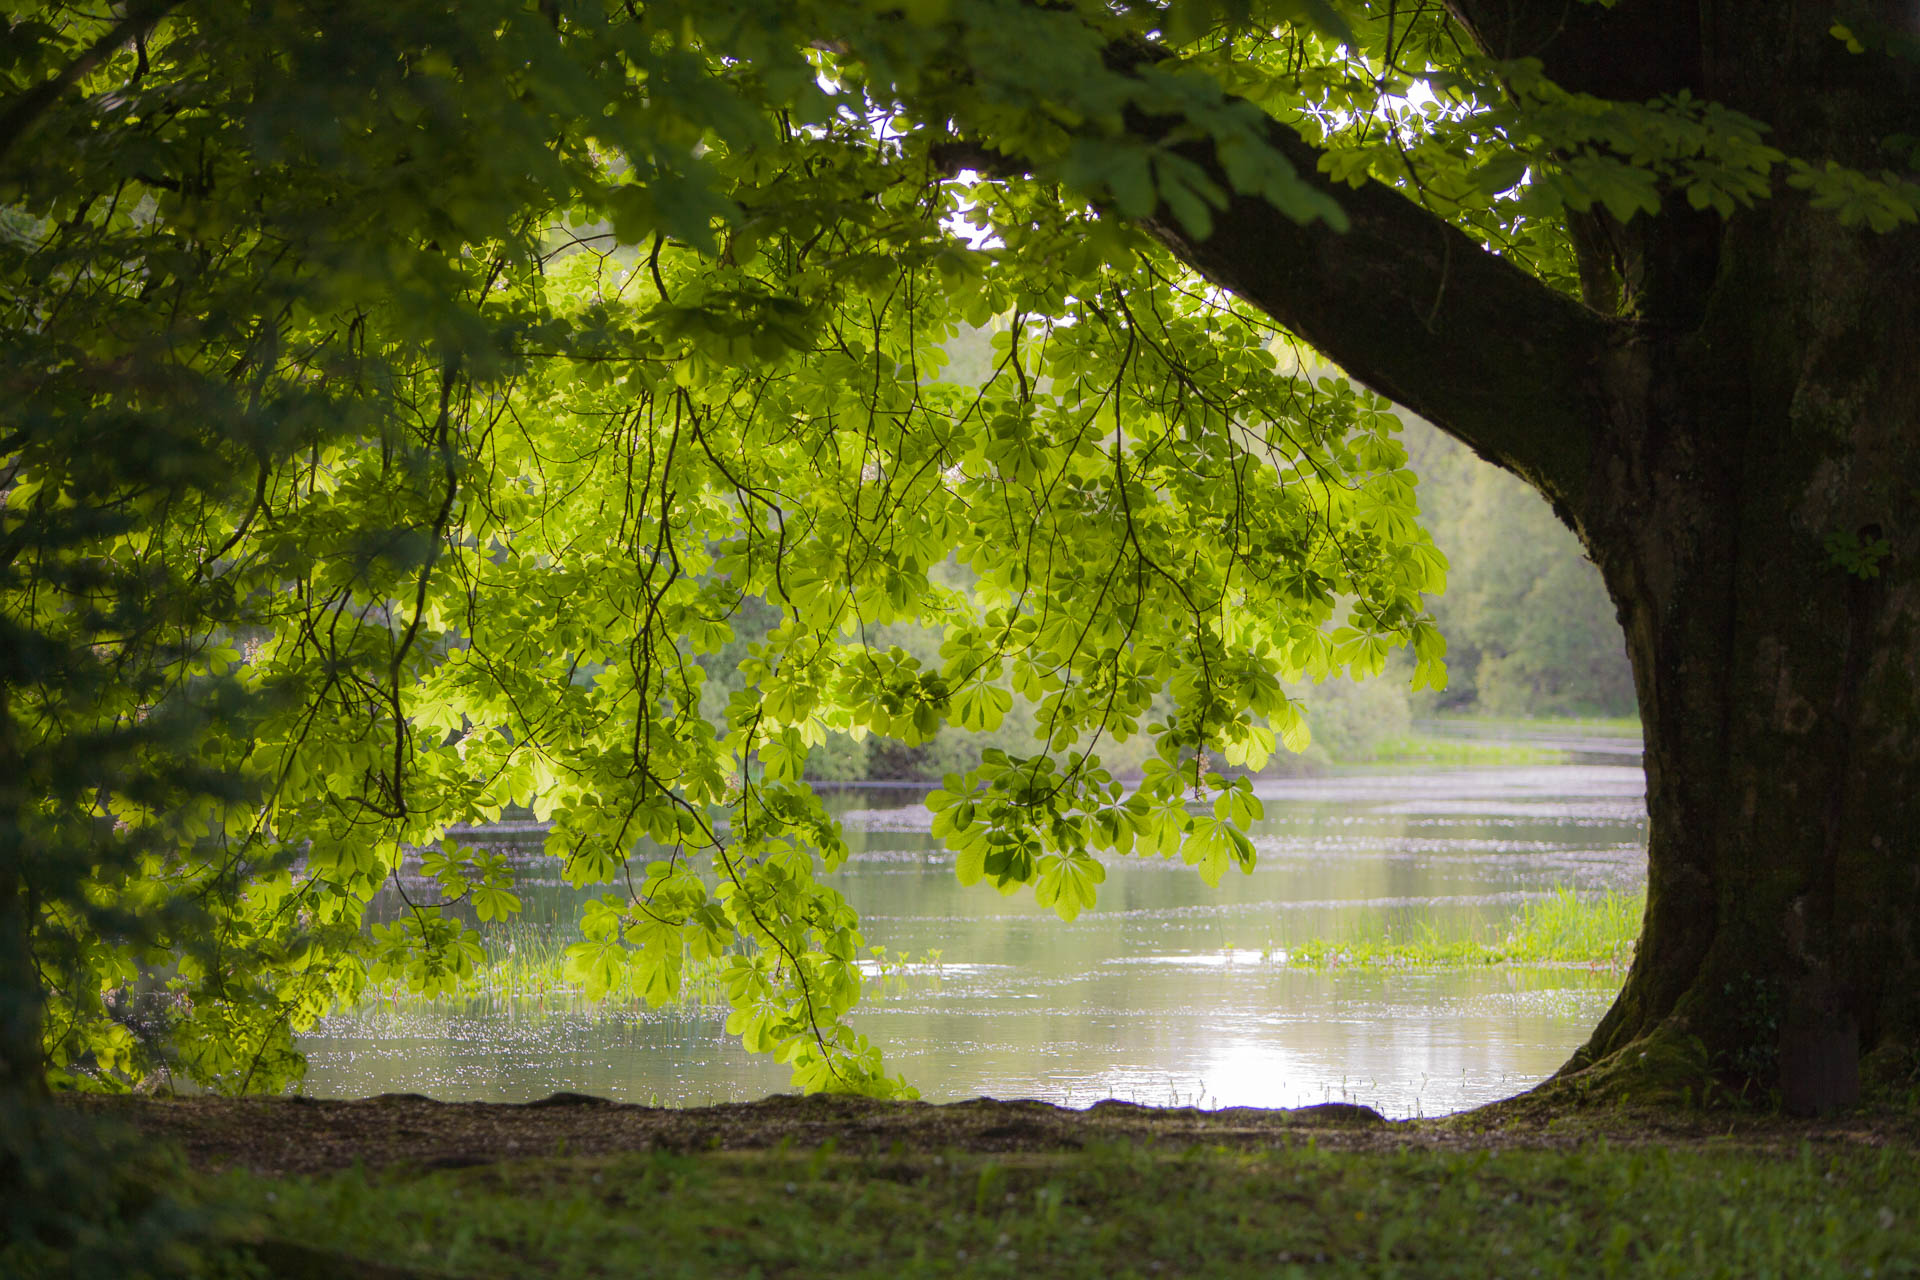 Bäume bei Cong Abbey, Co. Mayo, Ireland